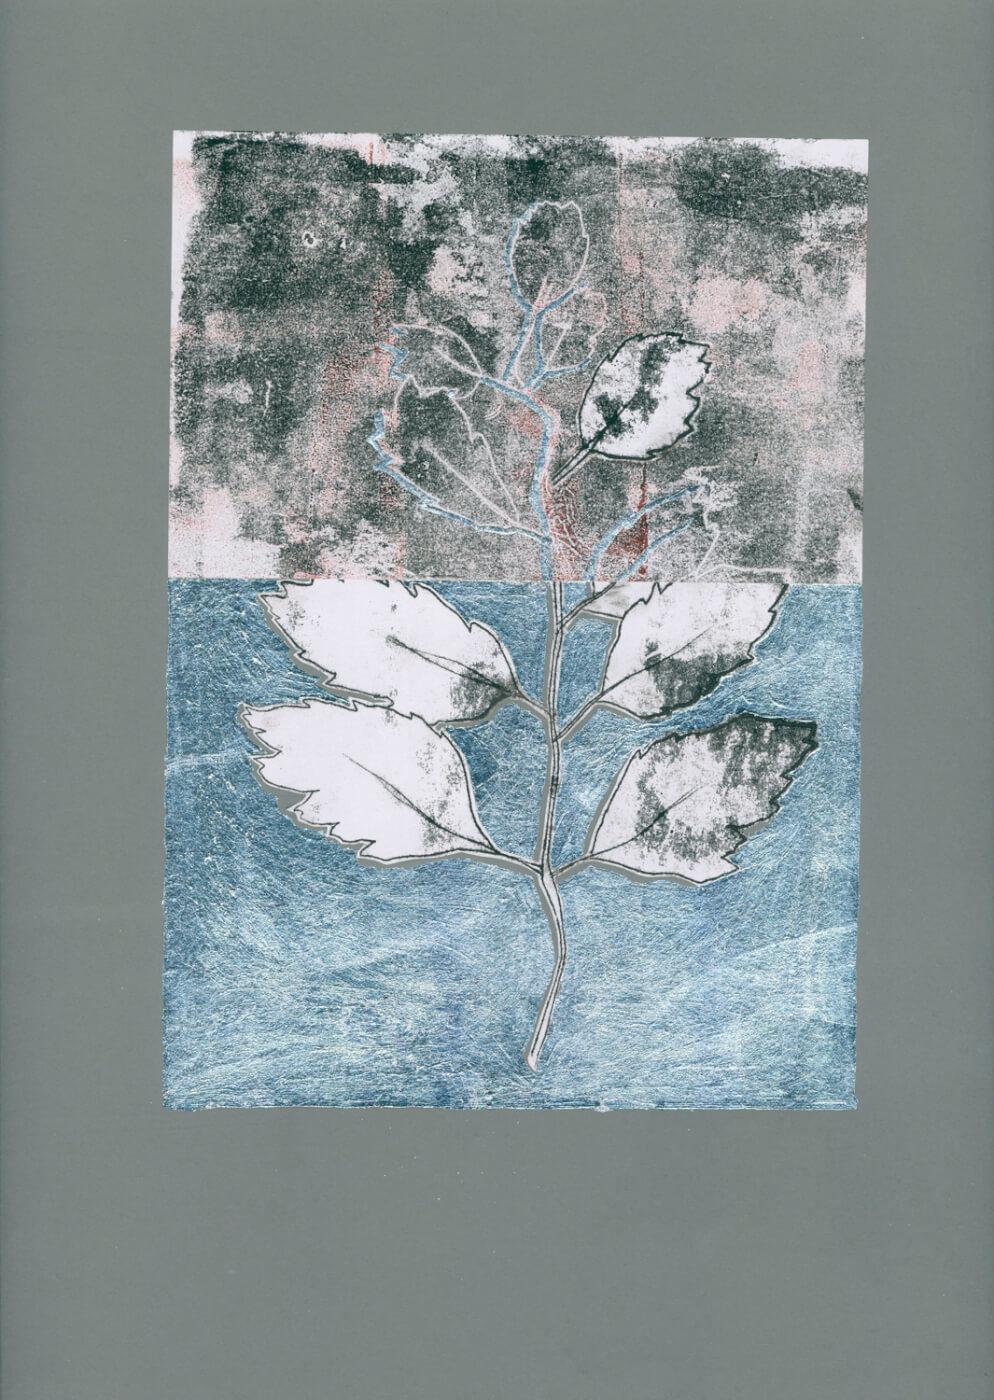 Silber, Workshop, Monotypie, Abklatsch, Art